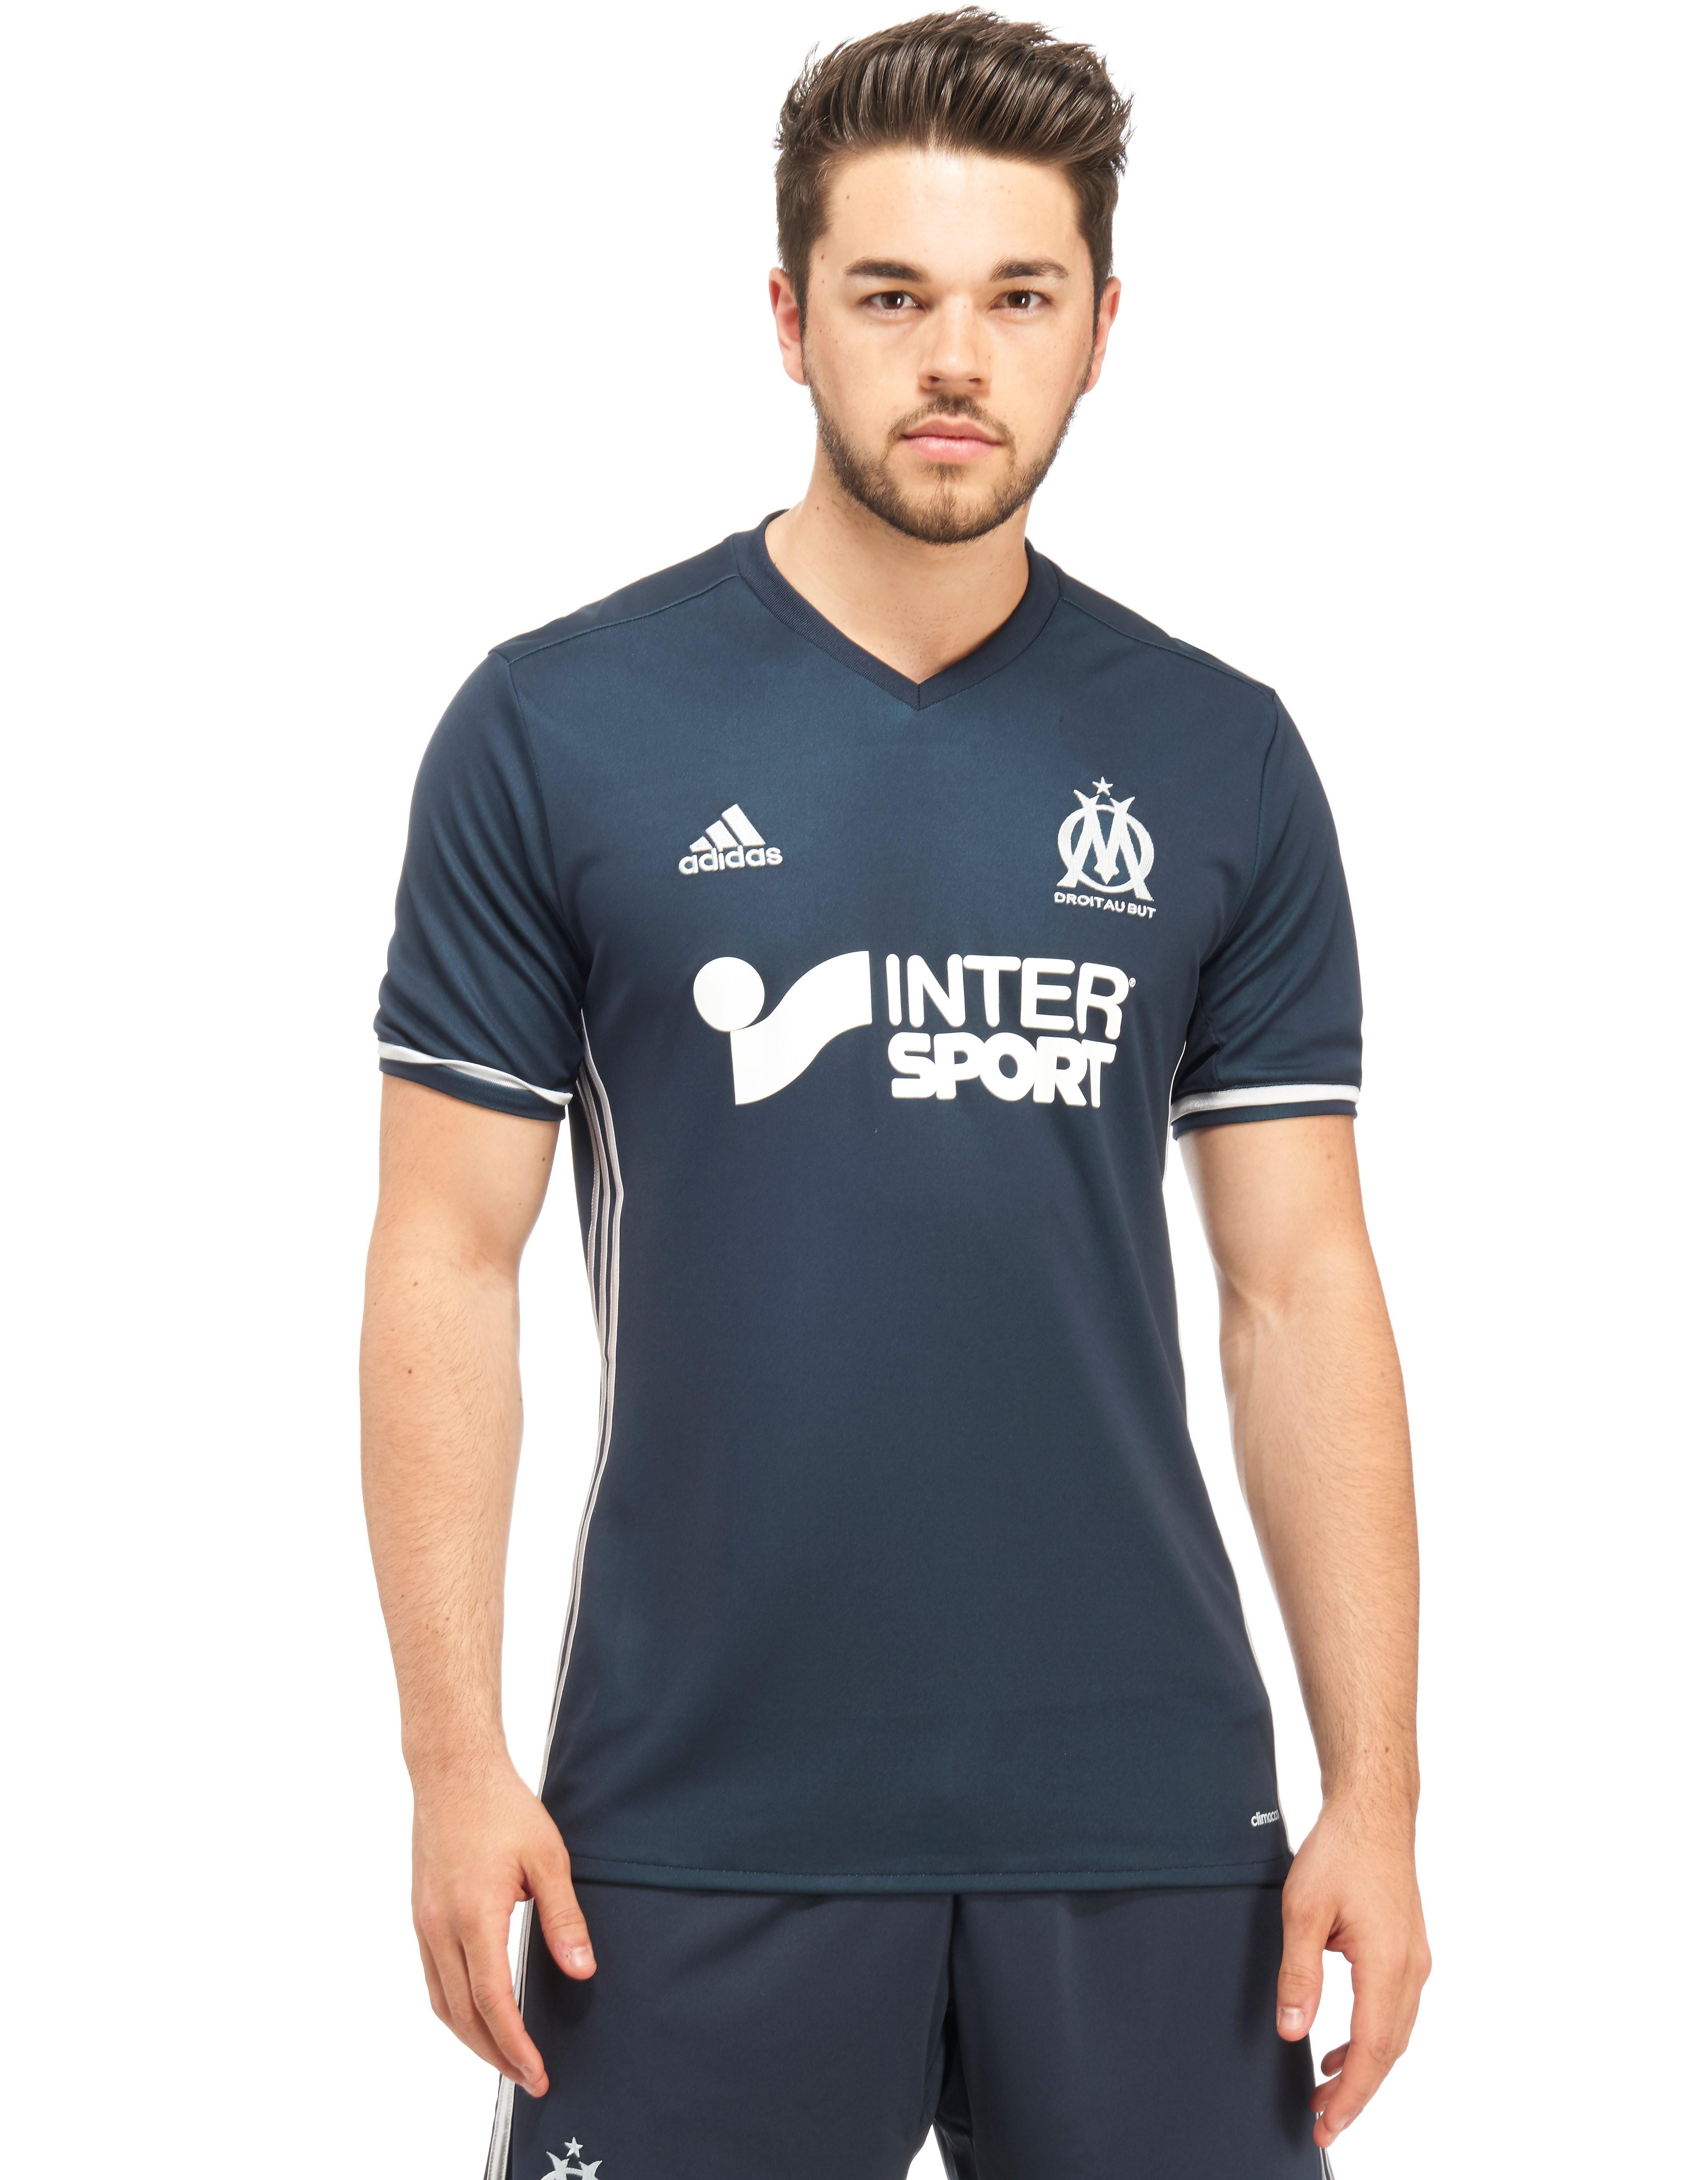 adidas Camiseta de visitante del Olympique de Marsella 2016/17